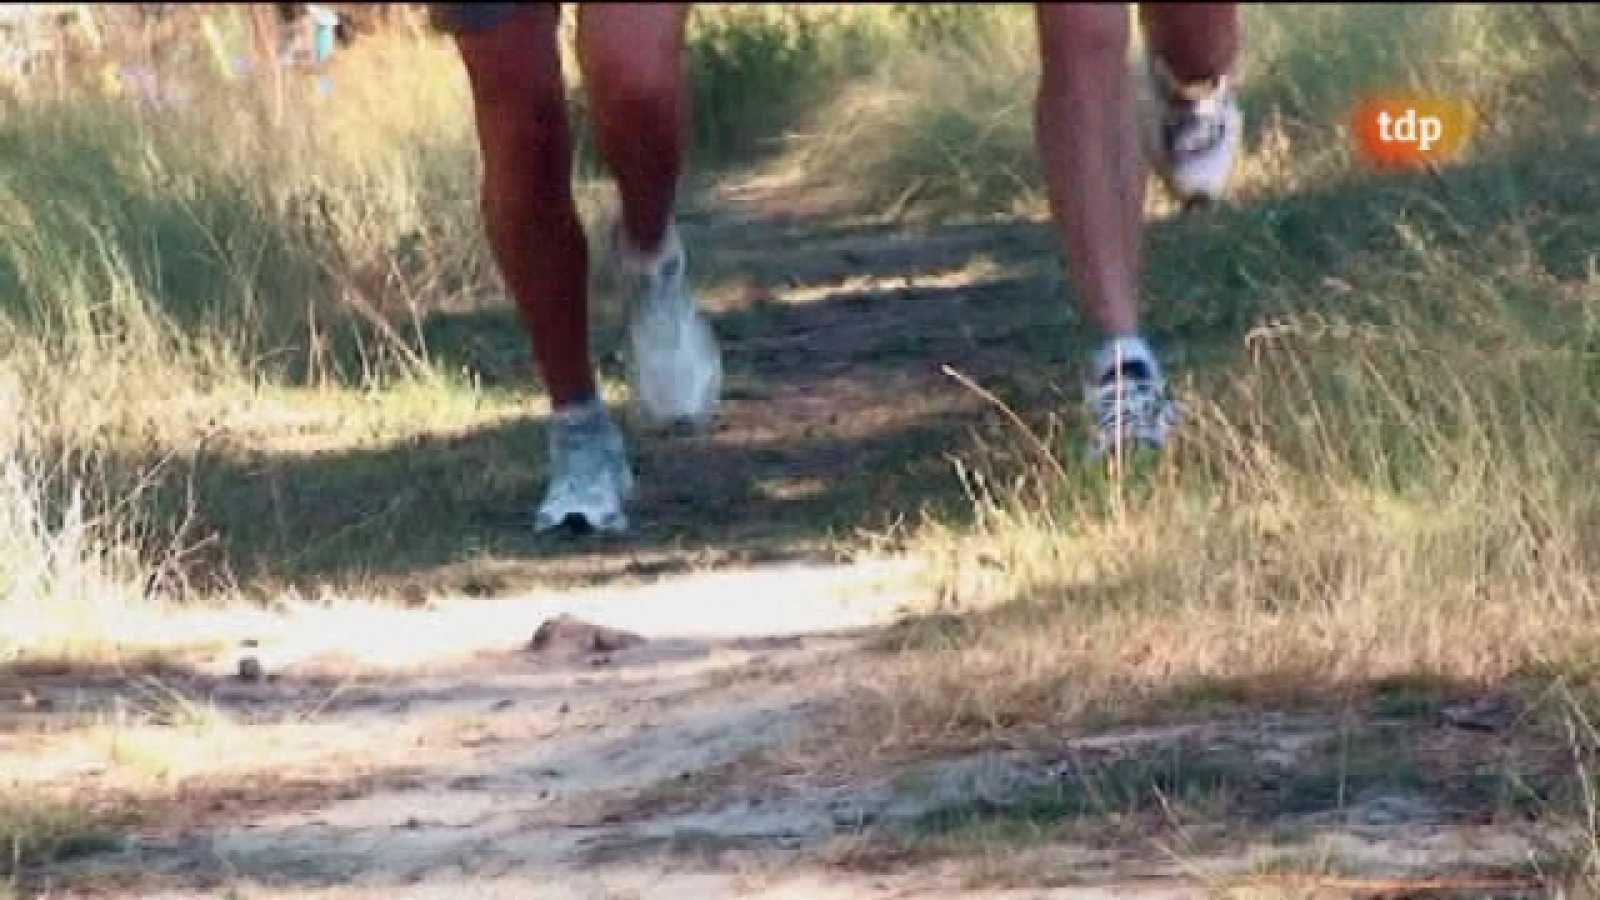 Atletismo - ¡Corre! - Capítulo 13 - 18/07/11 - Ver ahora